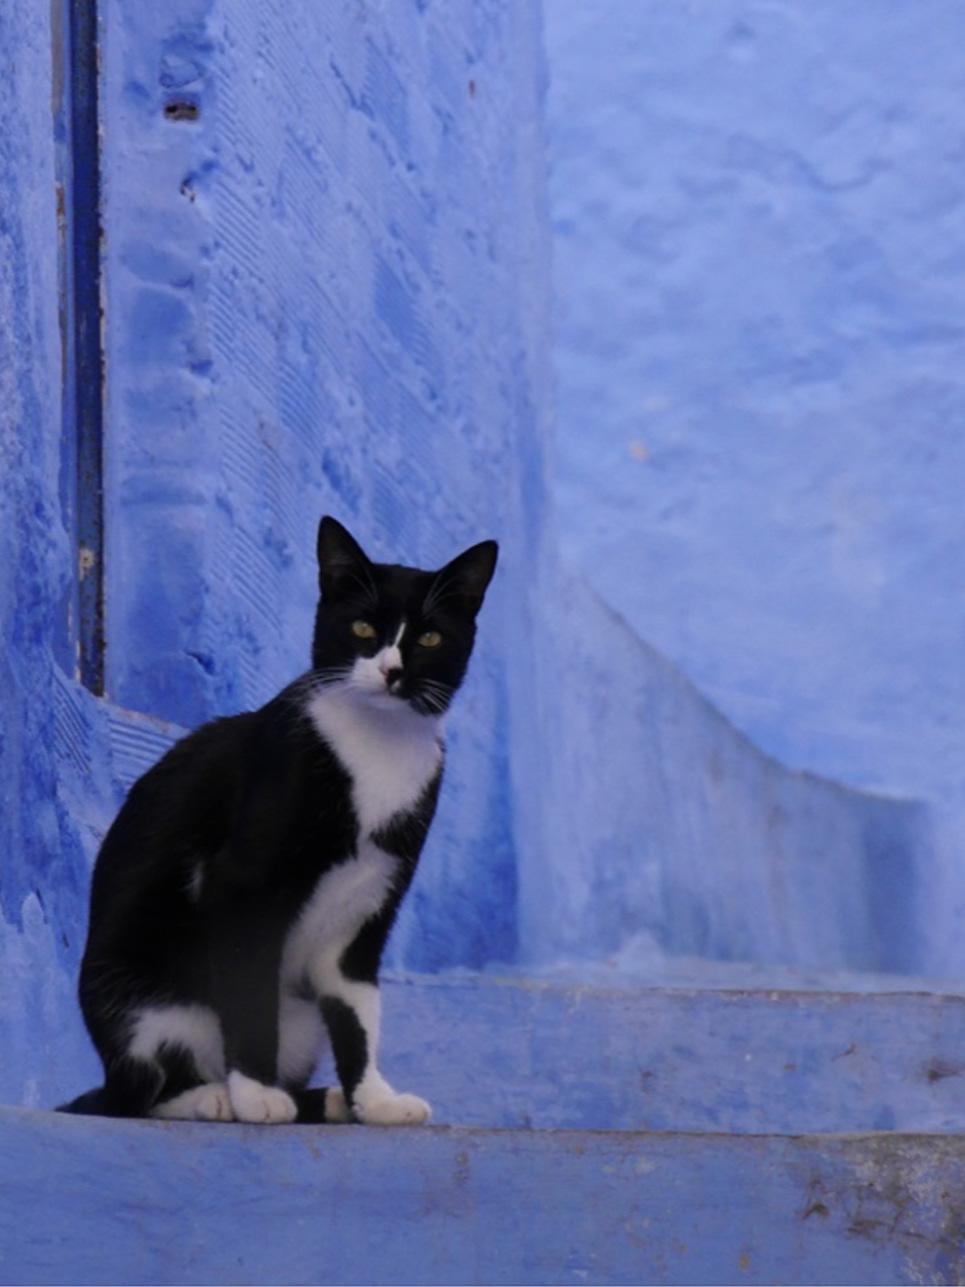 """Erkenntnis des Tages: Badreiniger kann auch wunderbar als Desinfektionsmittel herhalten. Dies ist zumindest die Meinung unseres Gastgebers: Nach einem Kratzer durch eine Katze wurde die kleine Wunde mit Badreiniger """"desinfiziert"""". (Das Bild ist in Chefchaouen entstanden)"""